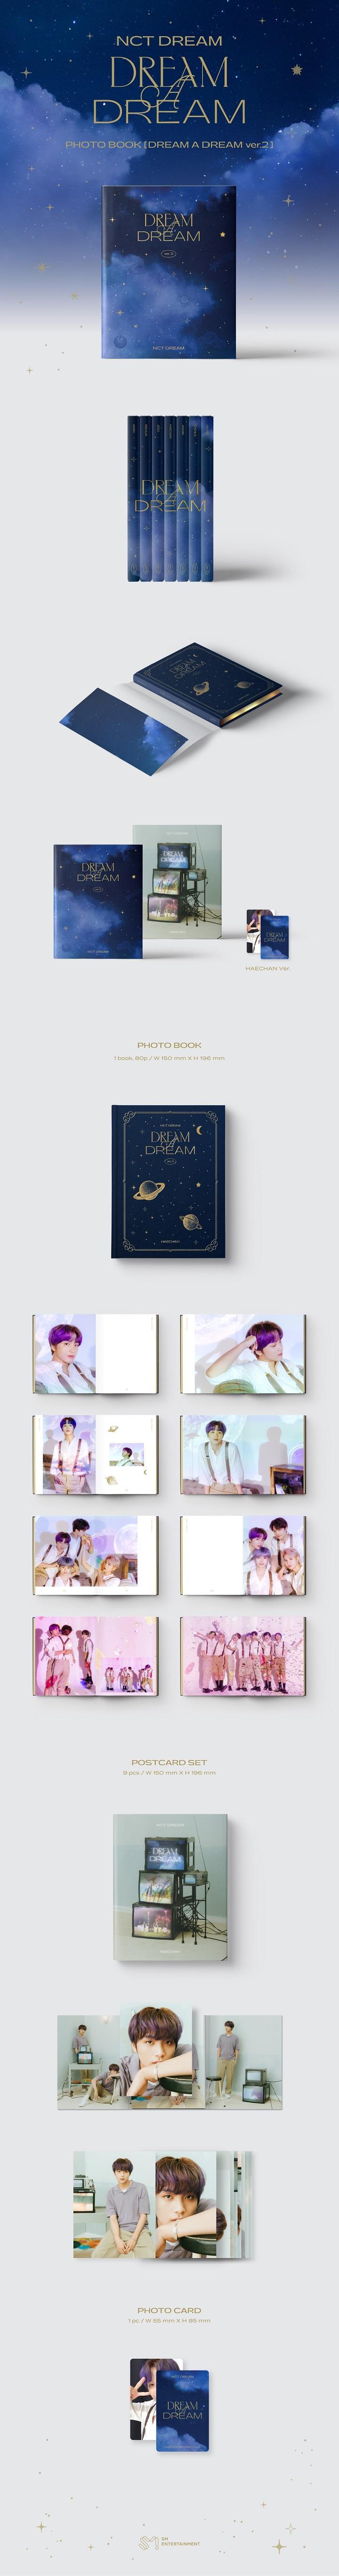 NCT DREAM- PHOTOBOOK [DREAM A DREAM ver.2][HAECHAN]